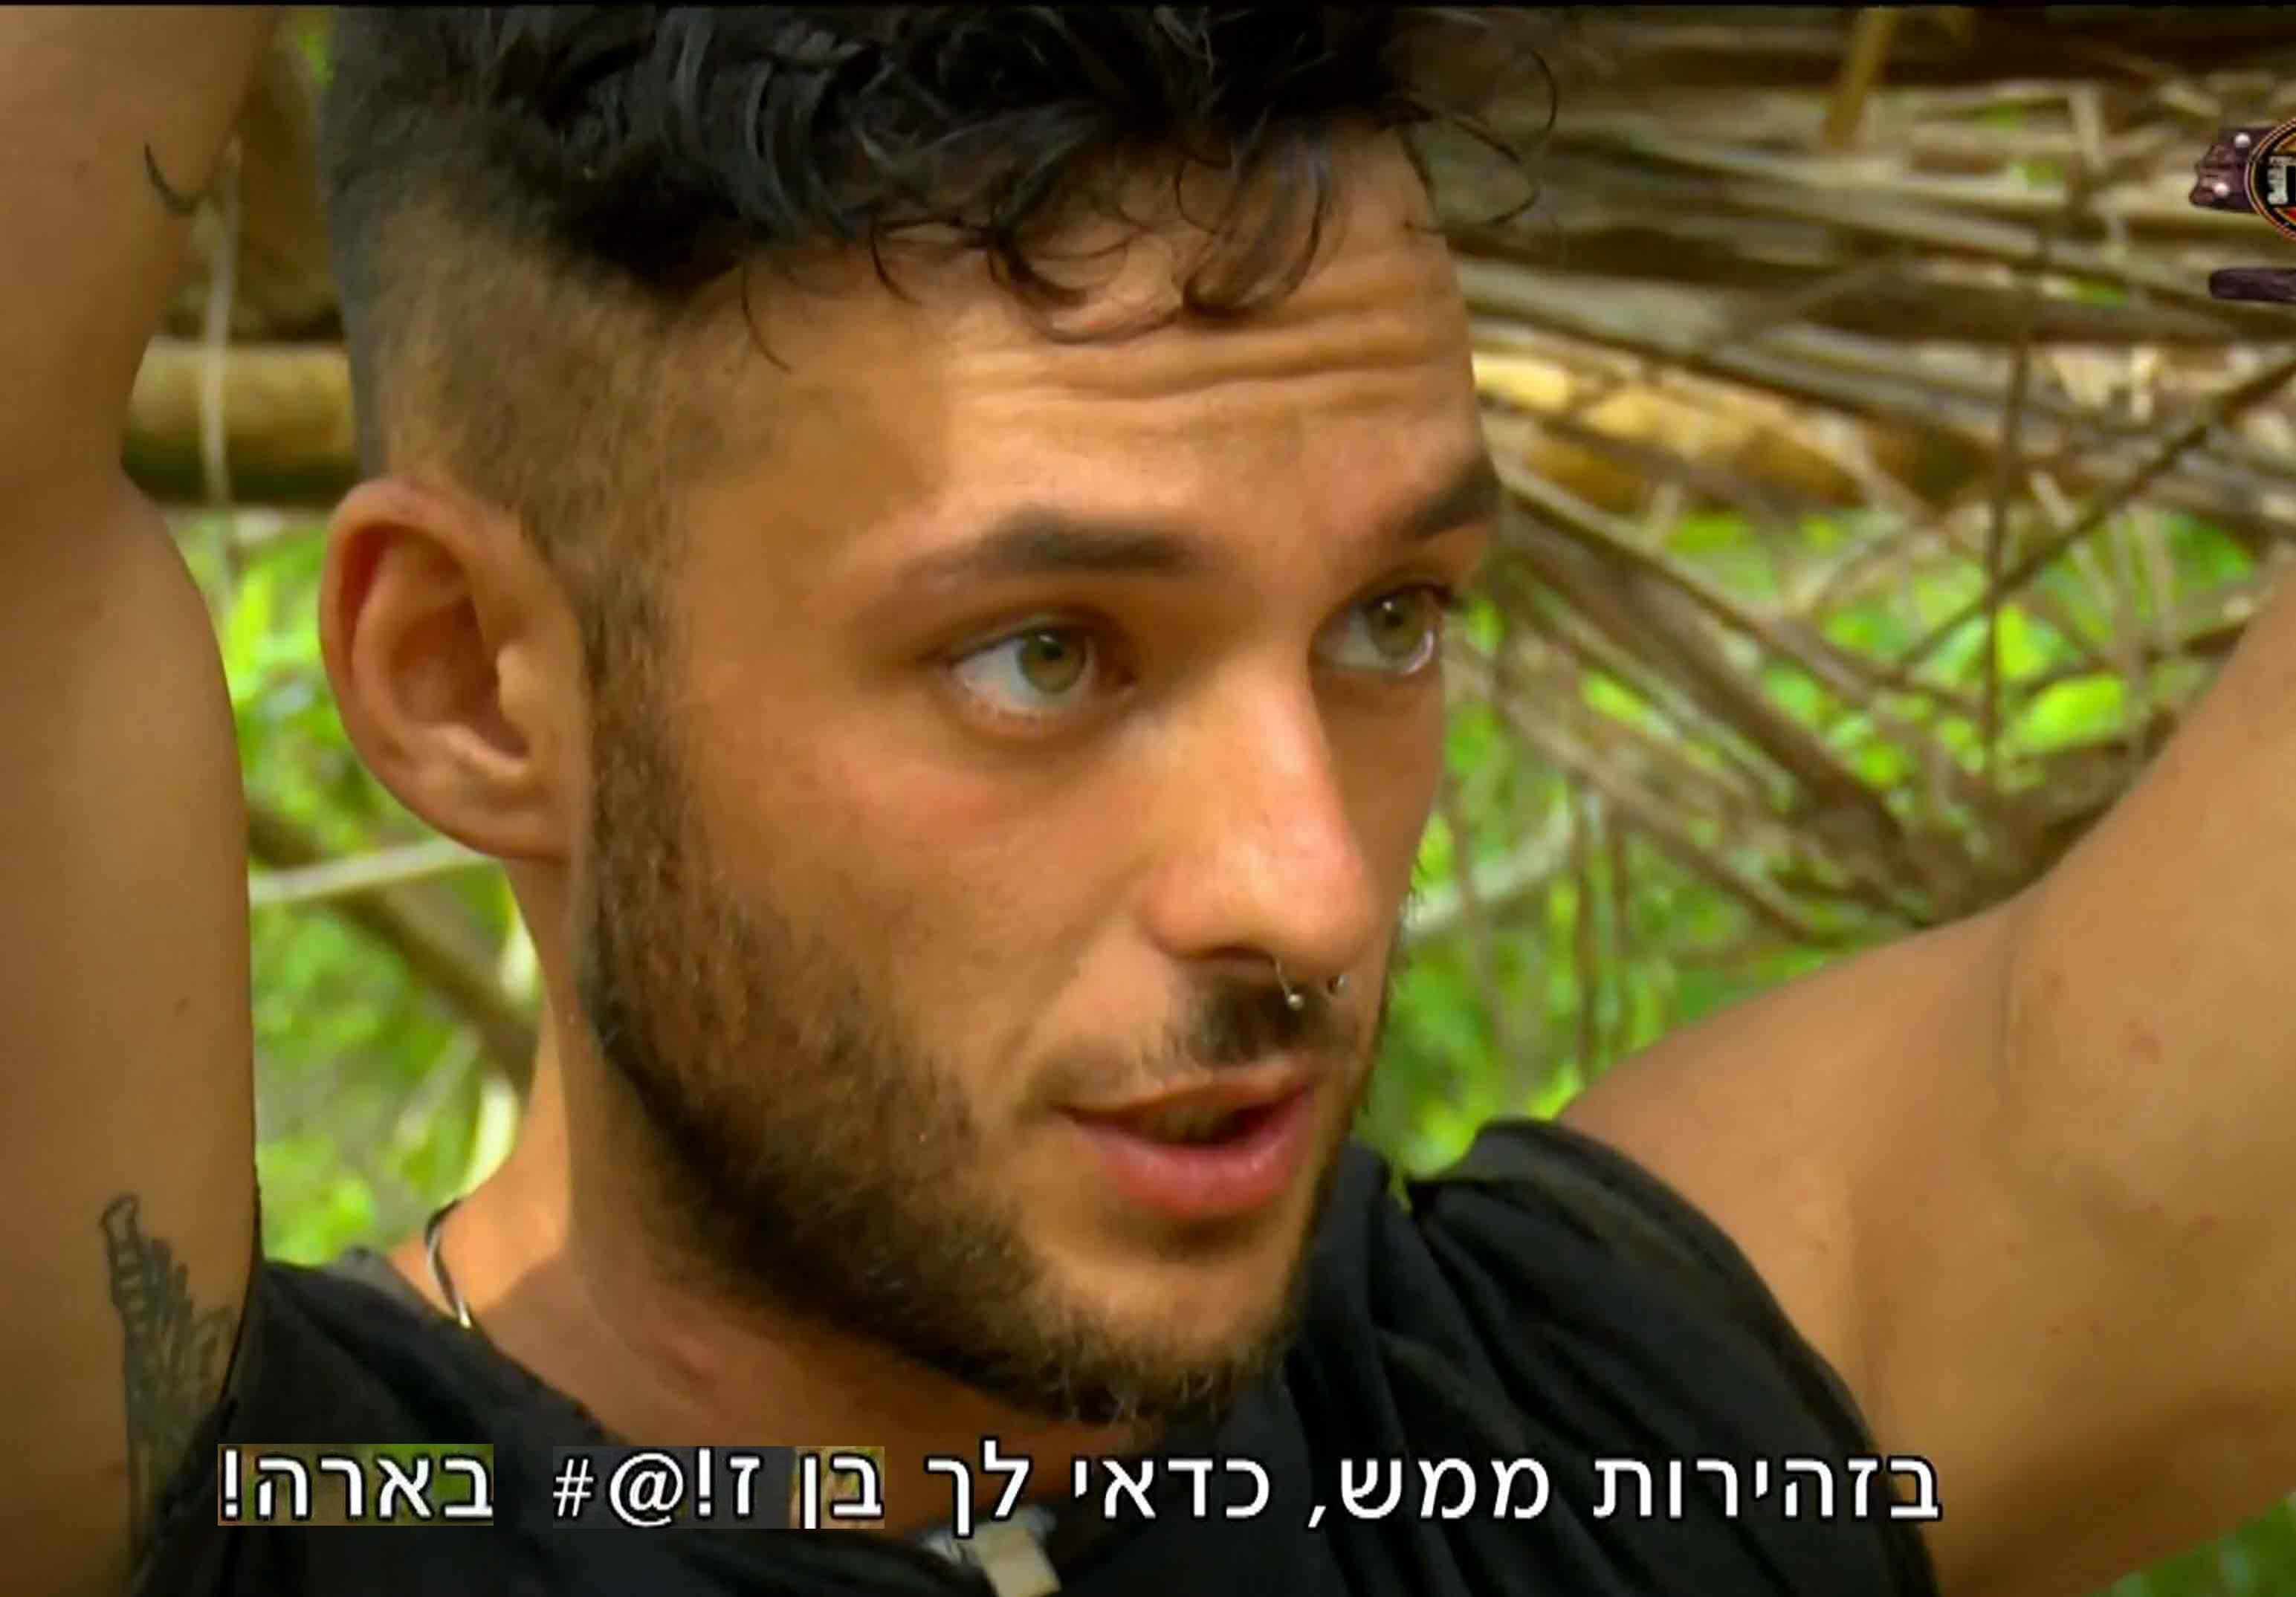 ישראל אוגלבו נבחר להוביל פרויקט חדש וחטף ביקורת קשה!